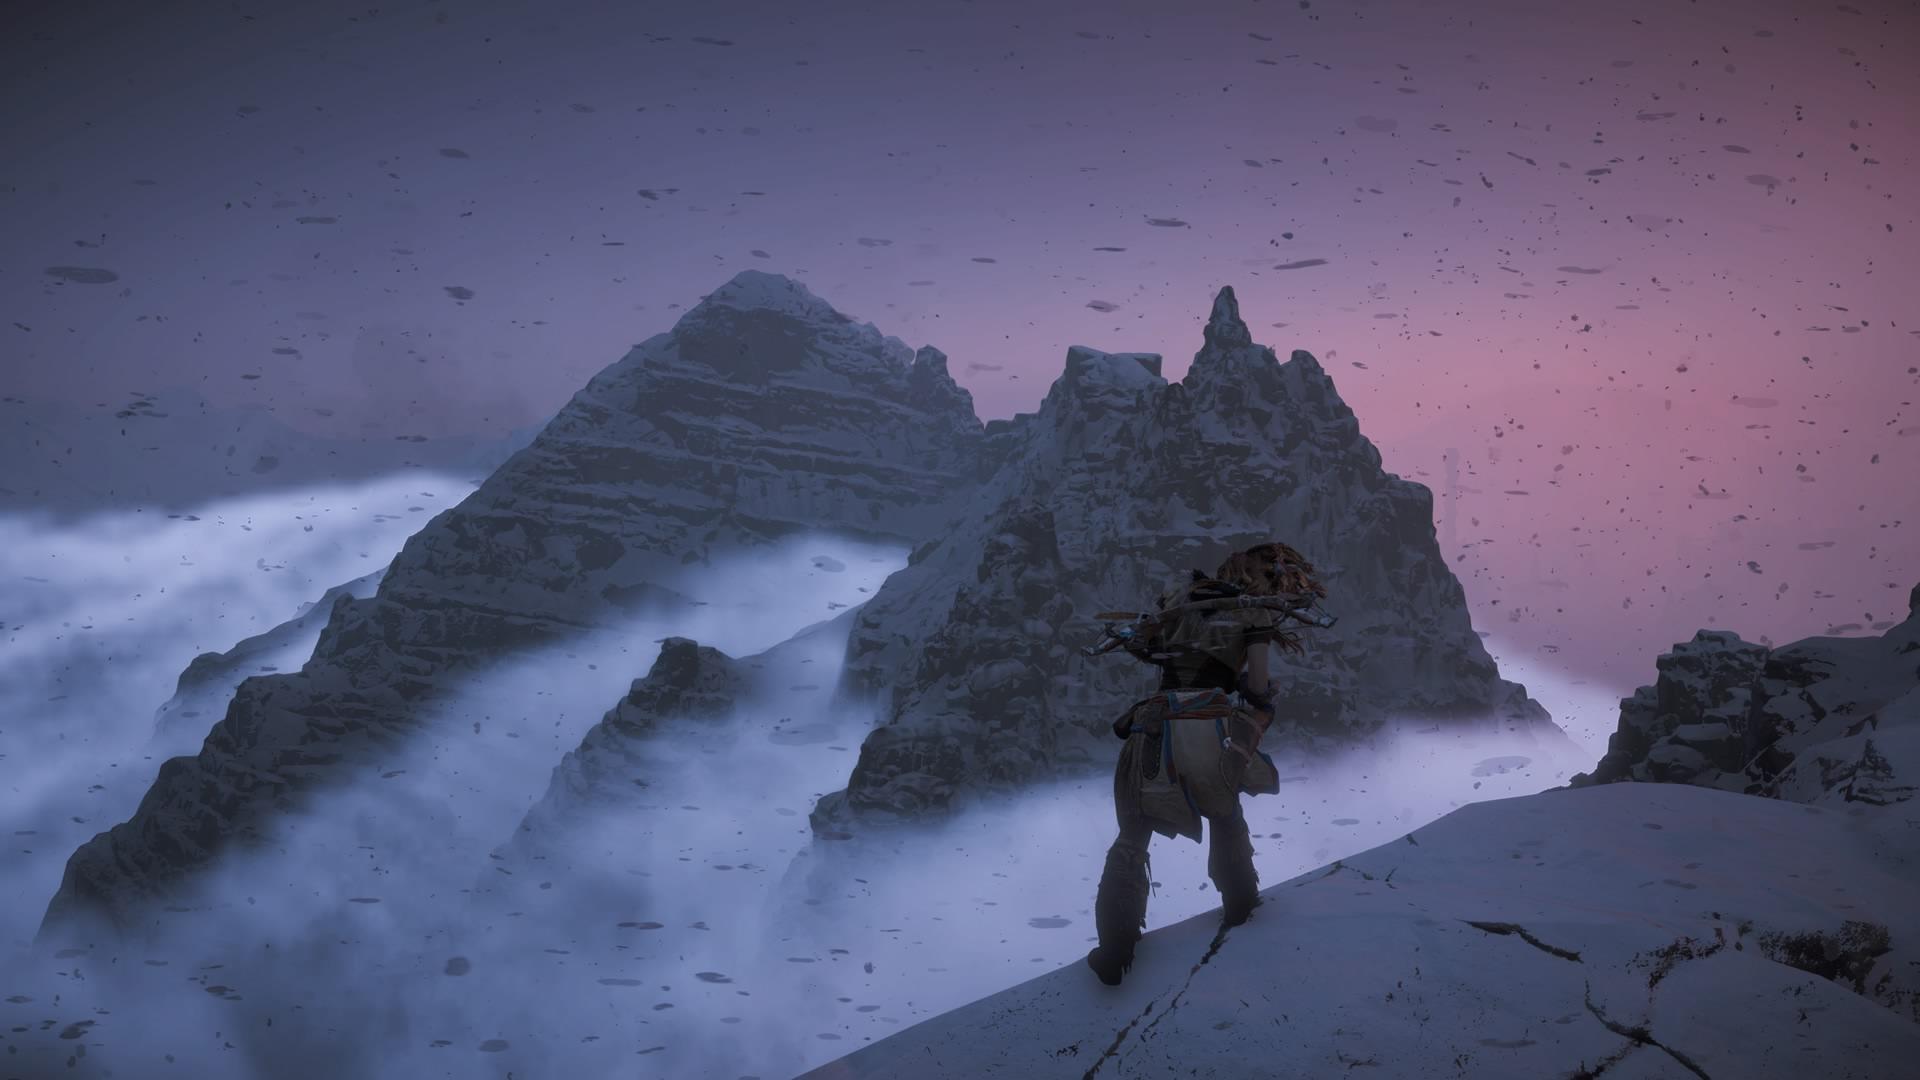 Die Abgeschiedenheit dieser von Schneesturm und Wolken umspielten Berggipfel erfüllt das Begehren nach 'unberührter' Umwelt.